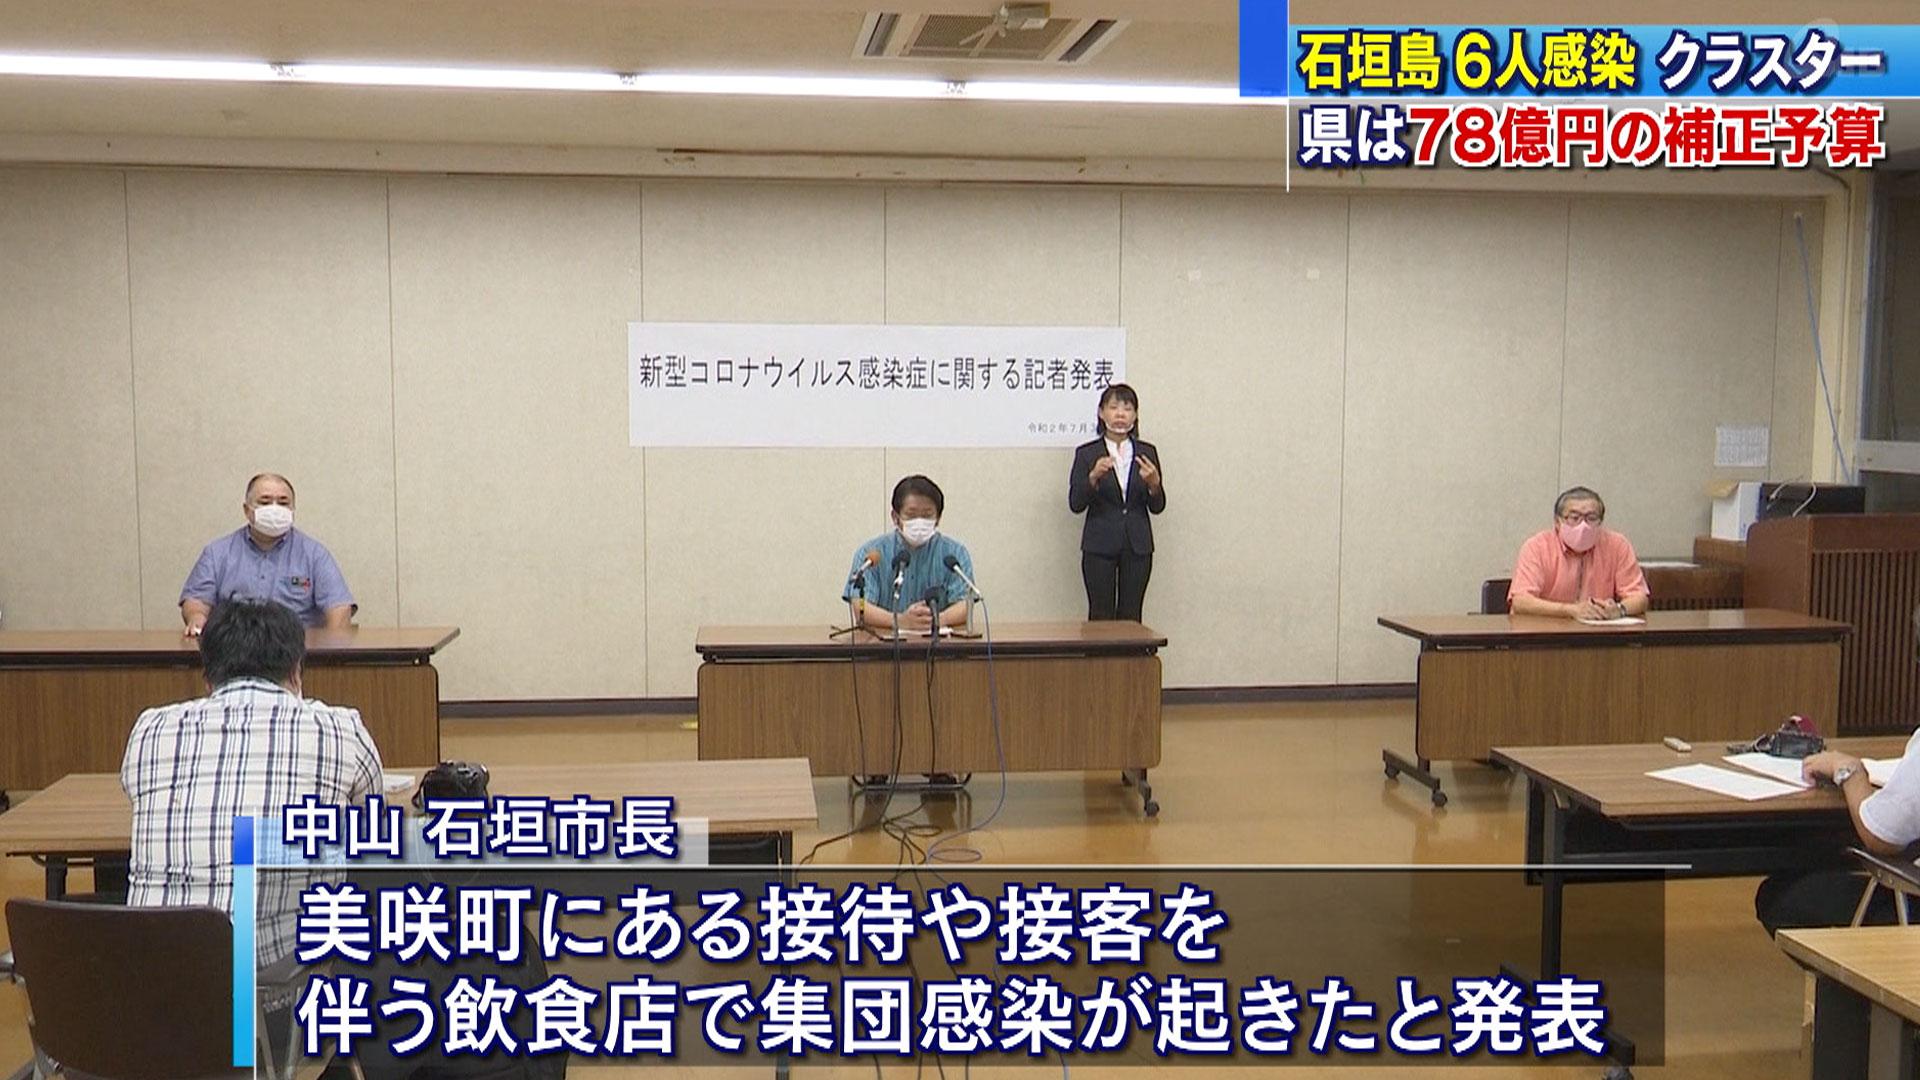 石垣島でクラスター 県は79億円の補正予算